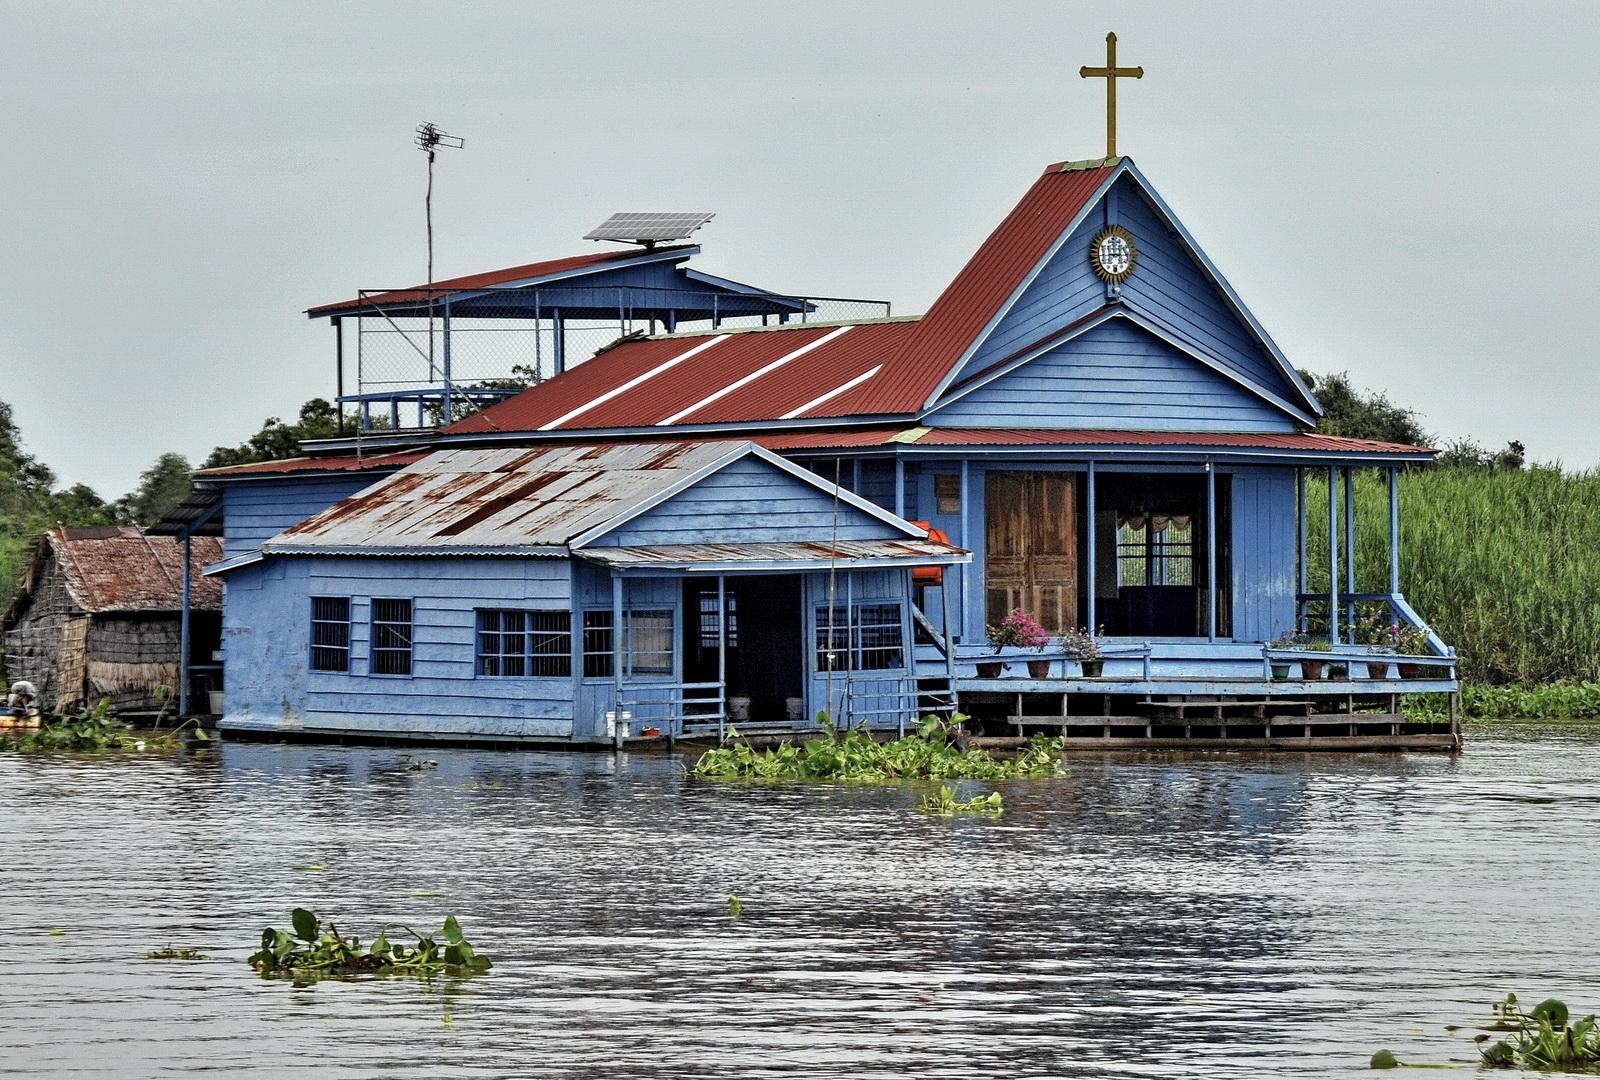 St Josephs Church, Prek Toal on The Sangkar River, Cambodia